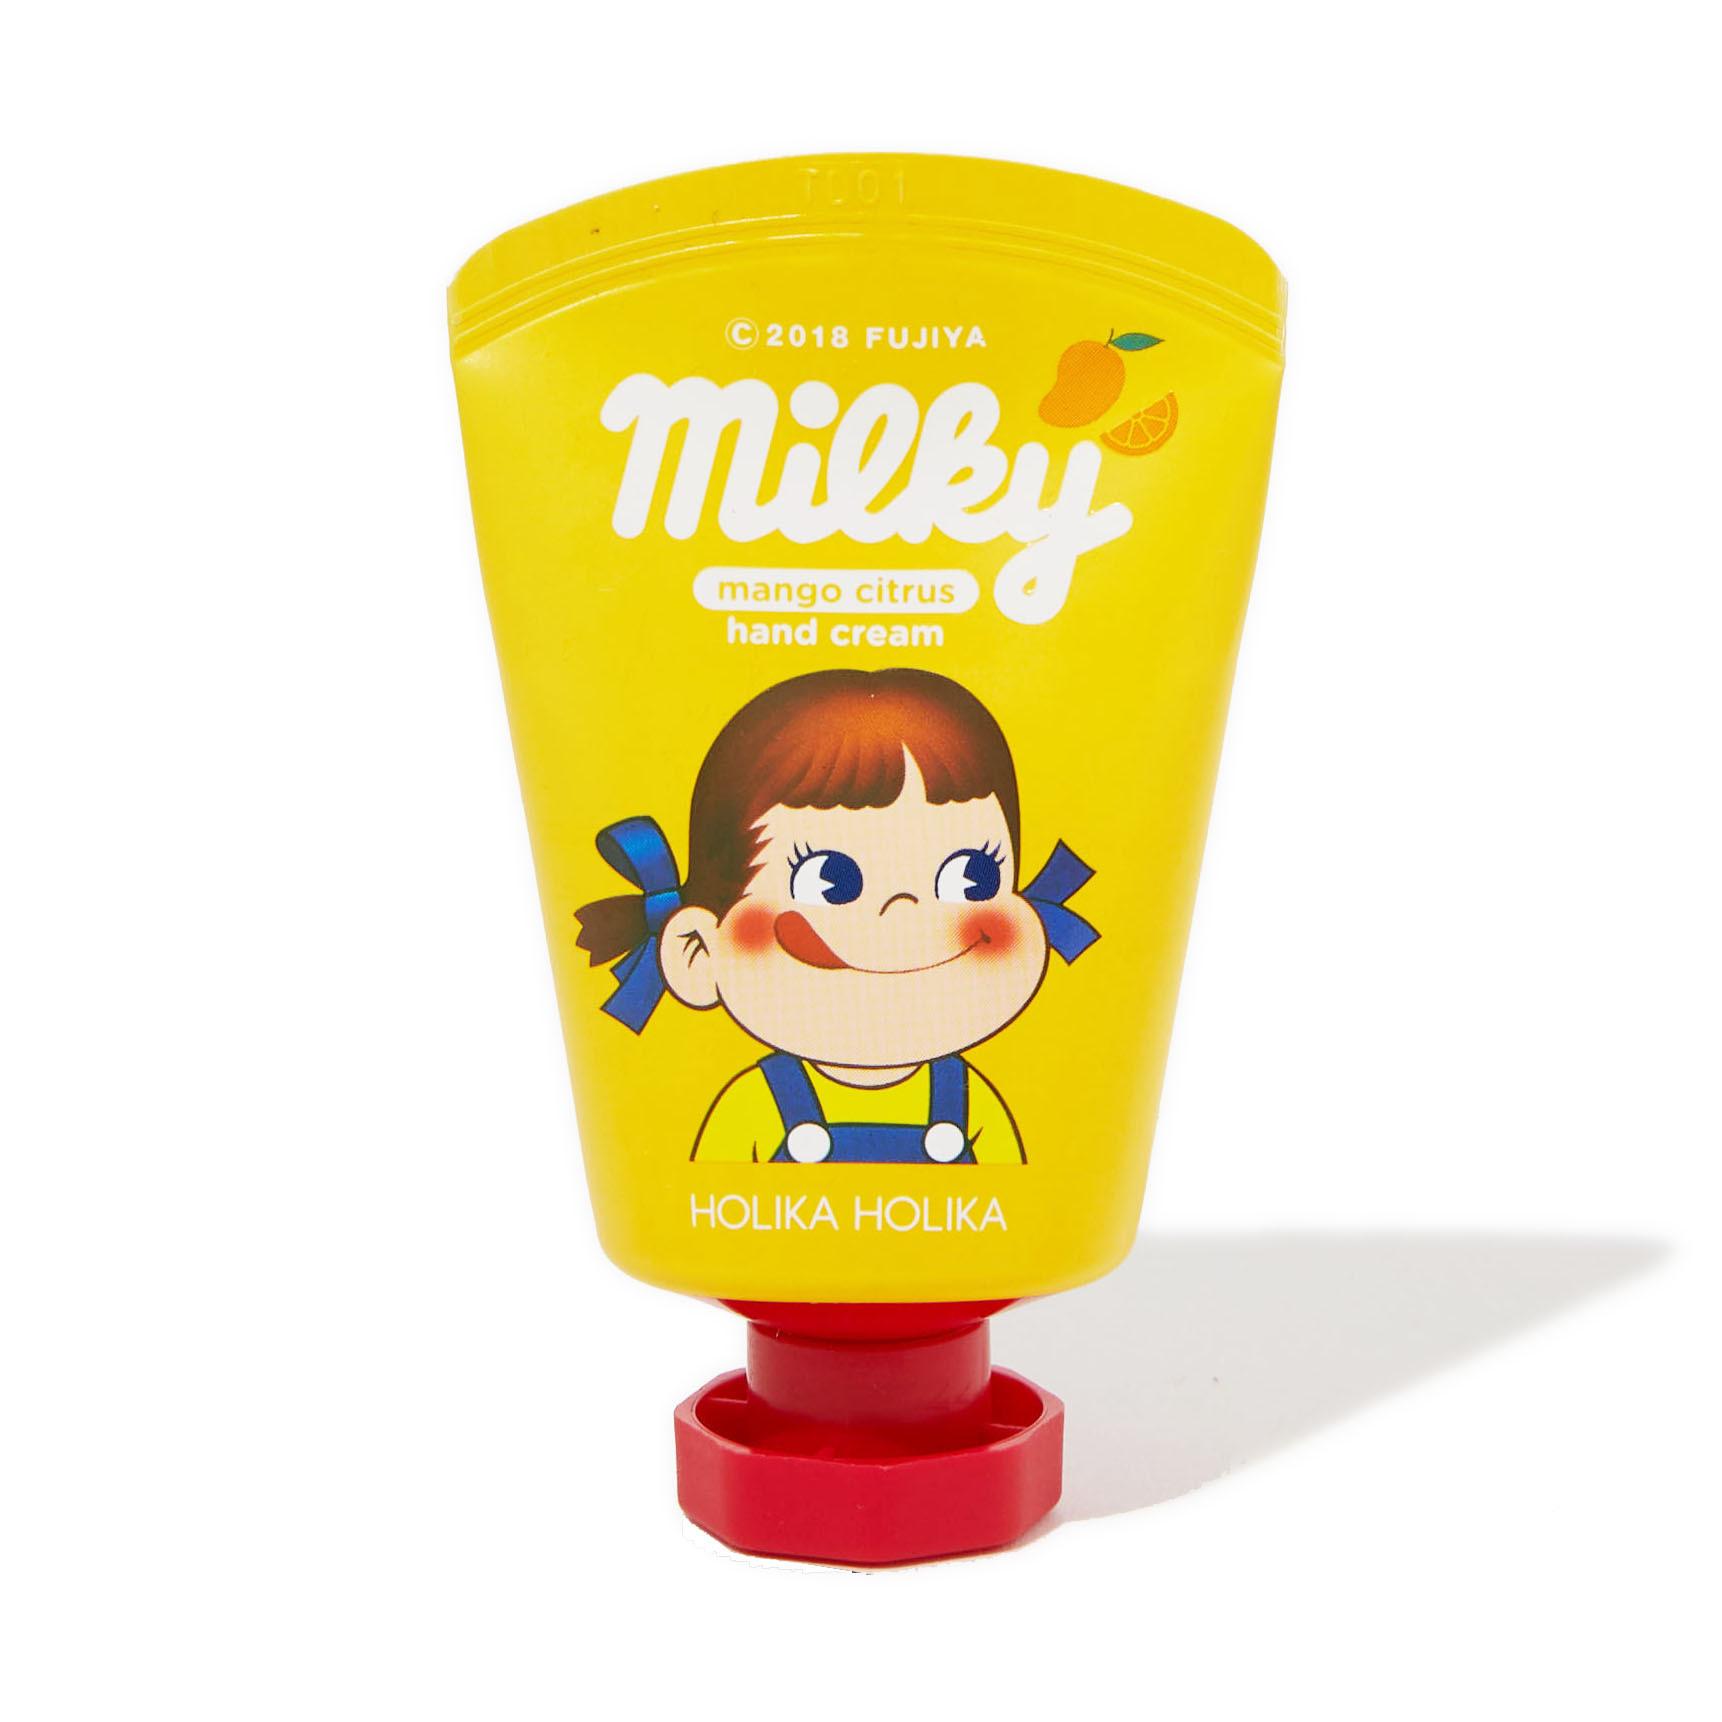 【目的別】ハンドクリームの選び方と使い方・おすすめの商品11選紹介の画像